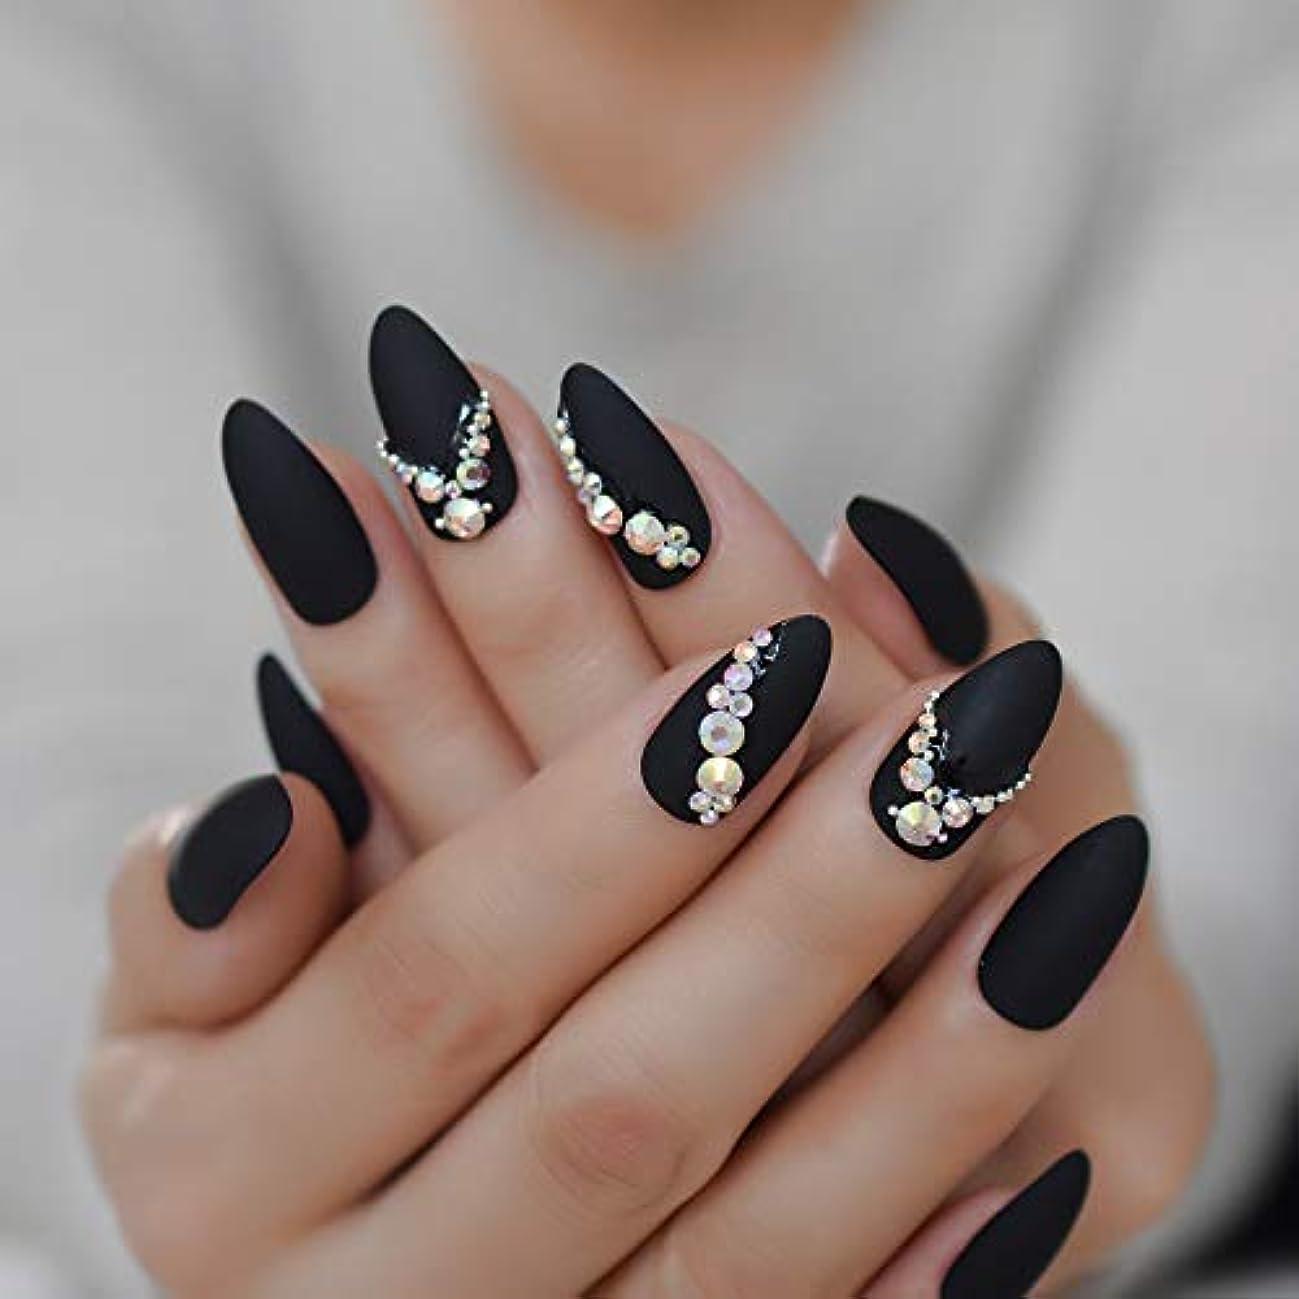 人気の去る一般的に言えばXUTXZKA きらめく光沢のあるラインストーンの装飾尖った爪人工偽爪